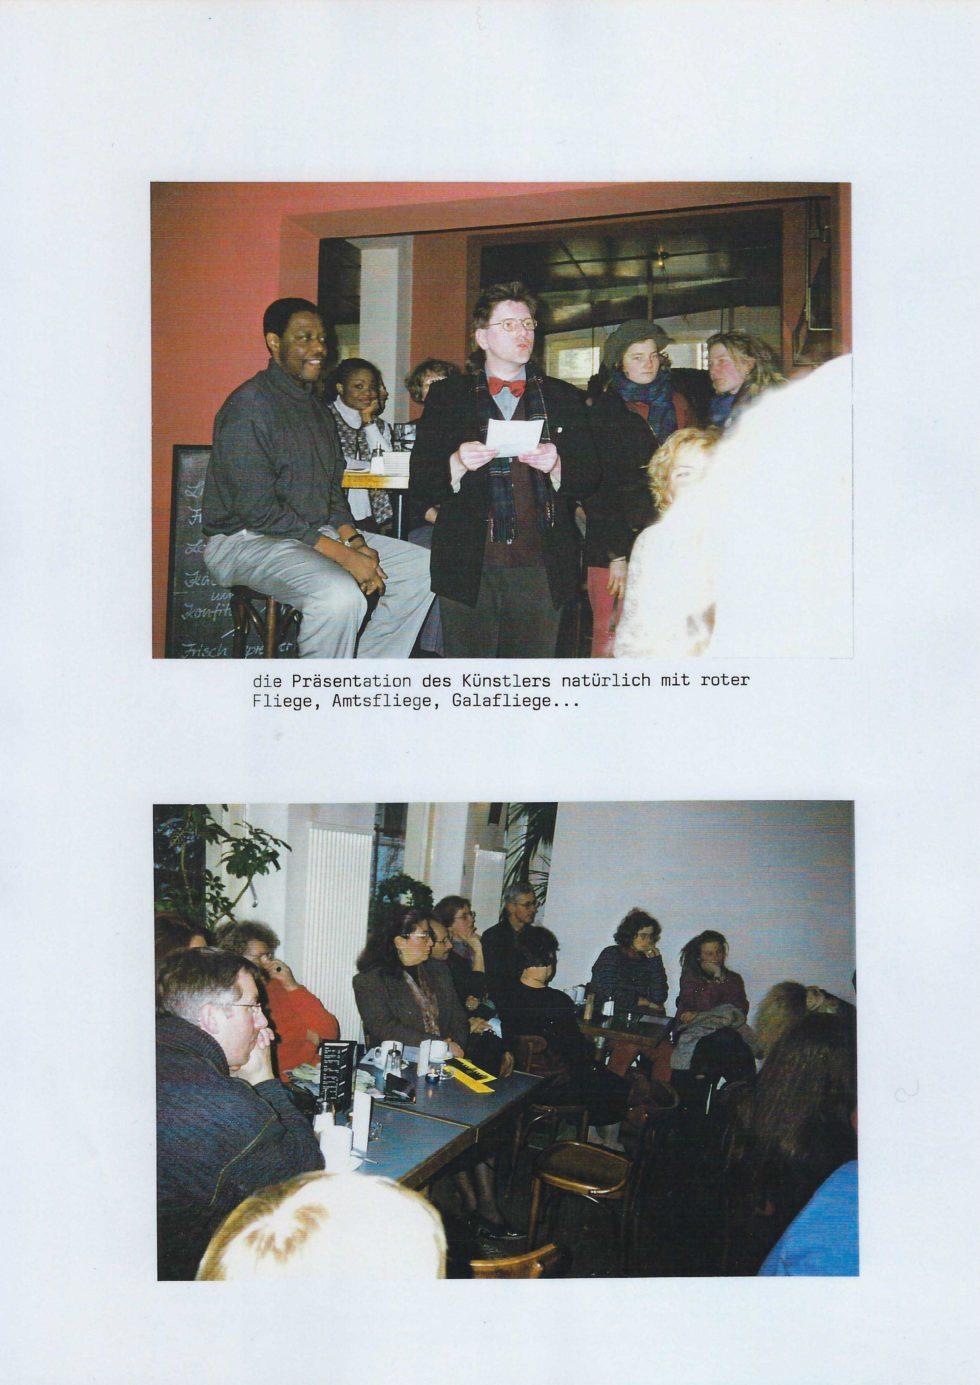 1997 Stift.Lesen, Lit.Tour, Lasker-Wallfisch_Seite_08